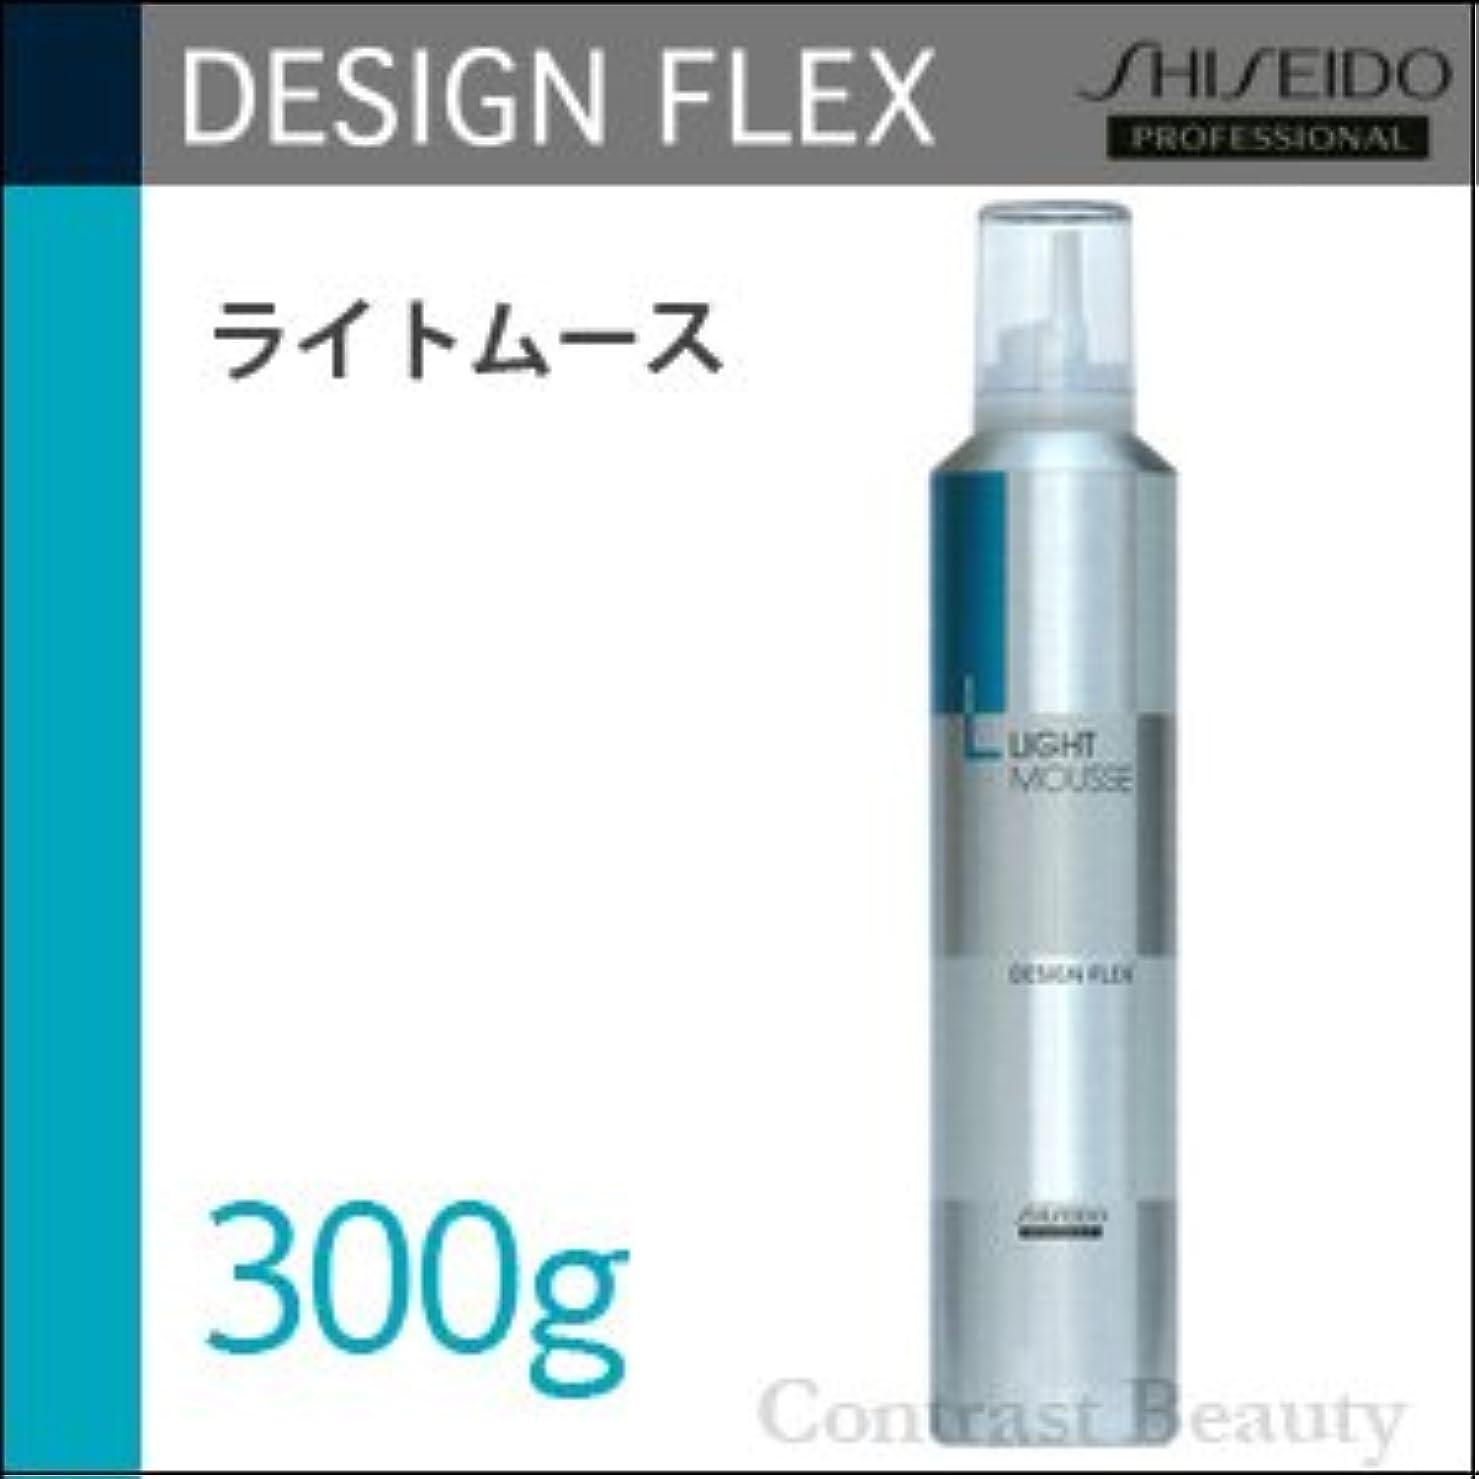 靴極小審判【x3個セット】 資生堂 デザインフレックス ライトムース 300g